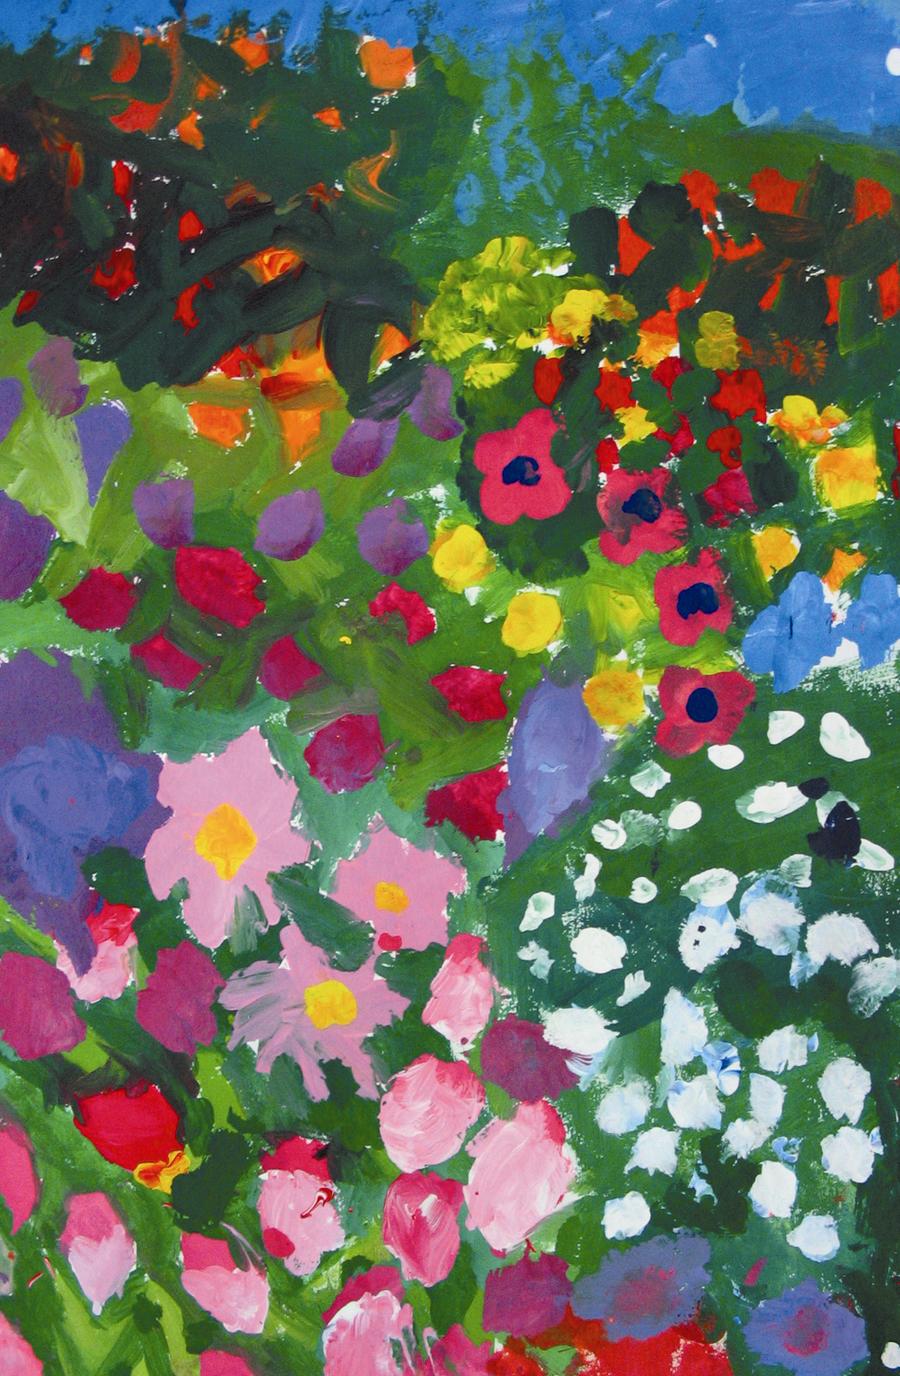 flower garden by techfreak107